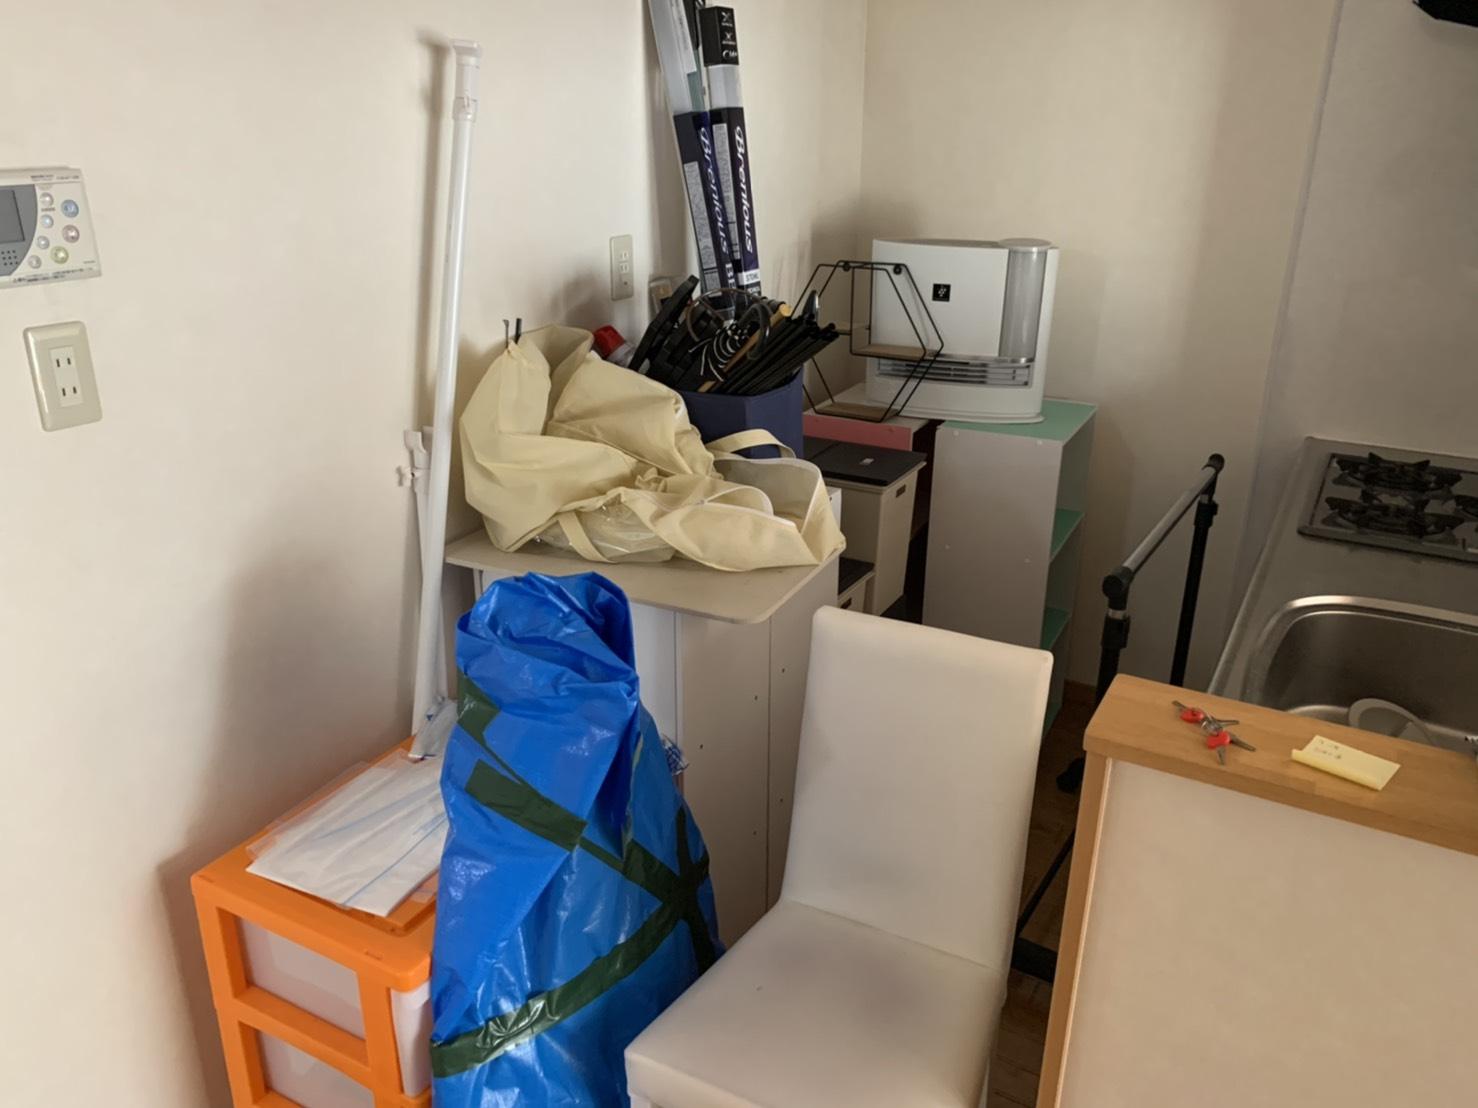 イス、収納棚、その他不用品の回収前